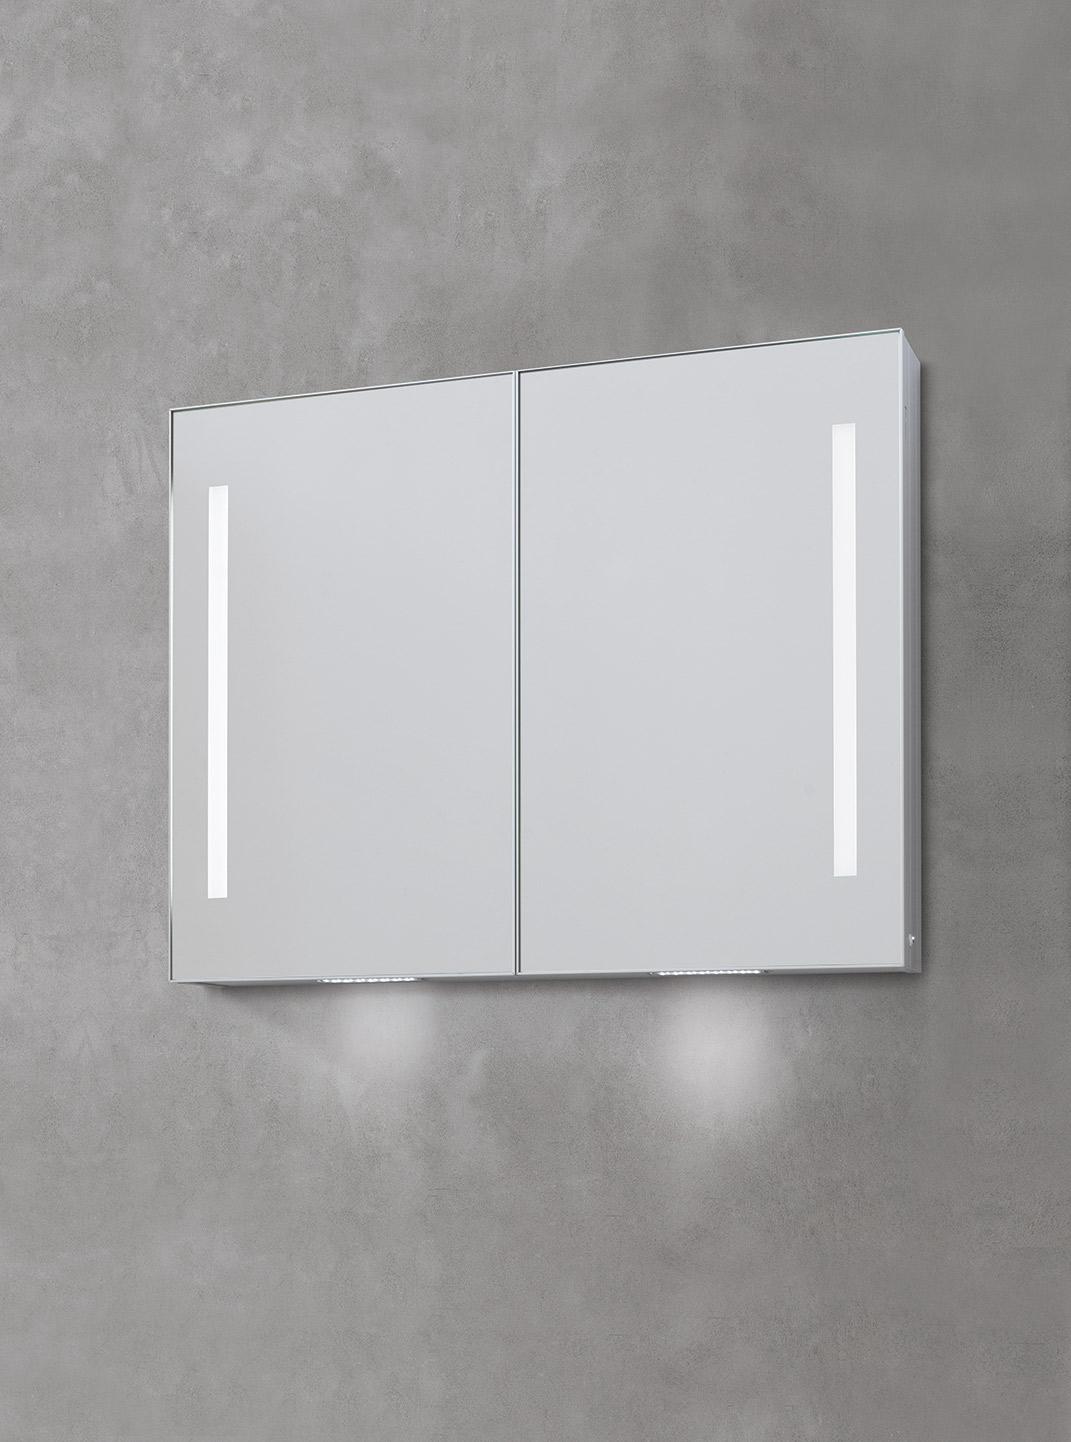 specchiere-vanitacasa-specchio-contenitore-rigel-02